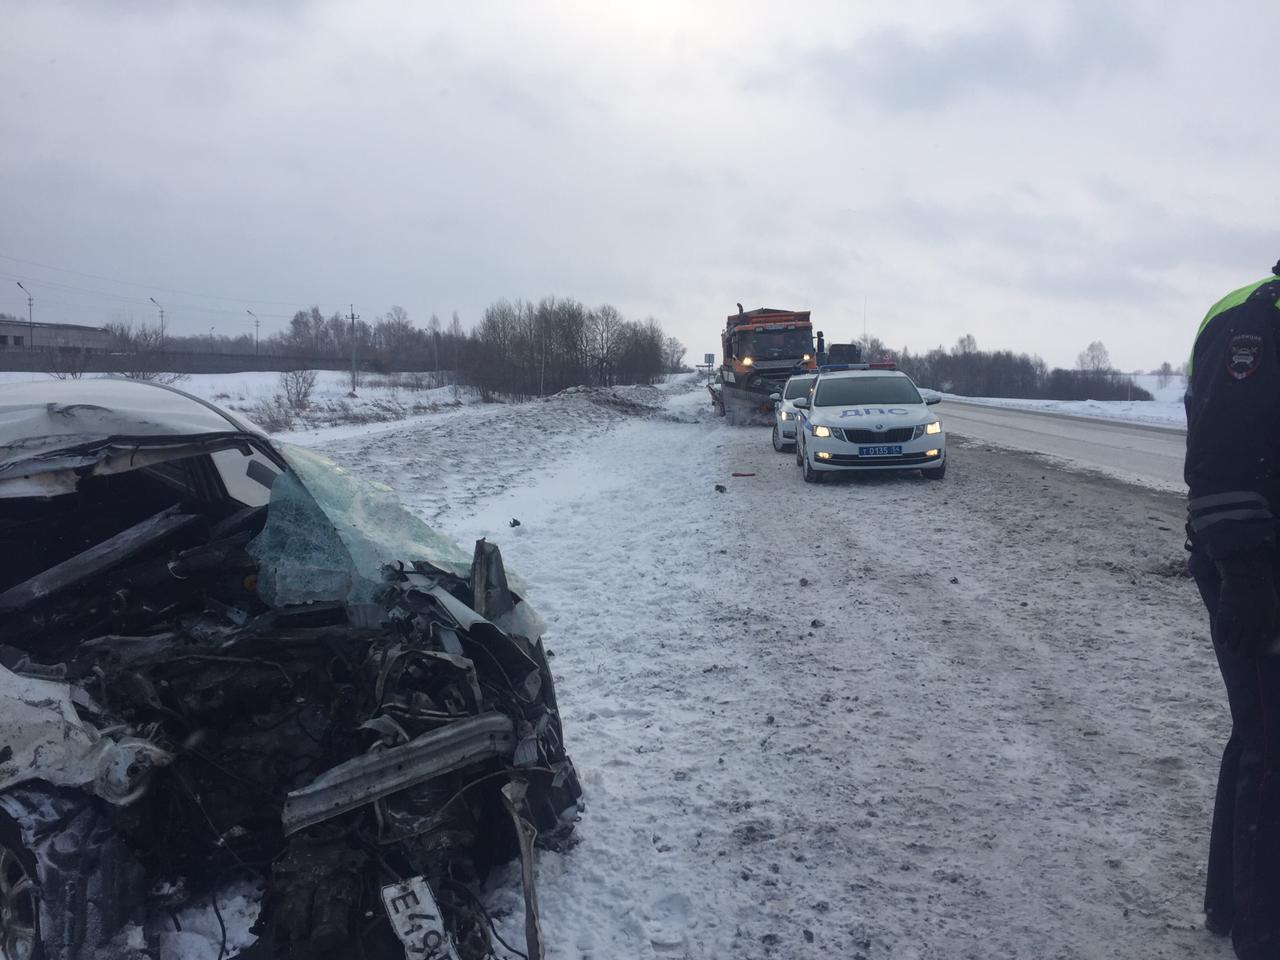 Фото Вырвало двигатель, бампер и стёкла: стали известны подробности смертельной автокатастрофы под Новосибирском 5